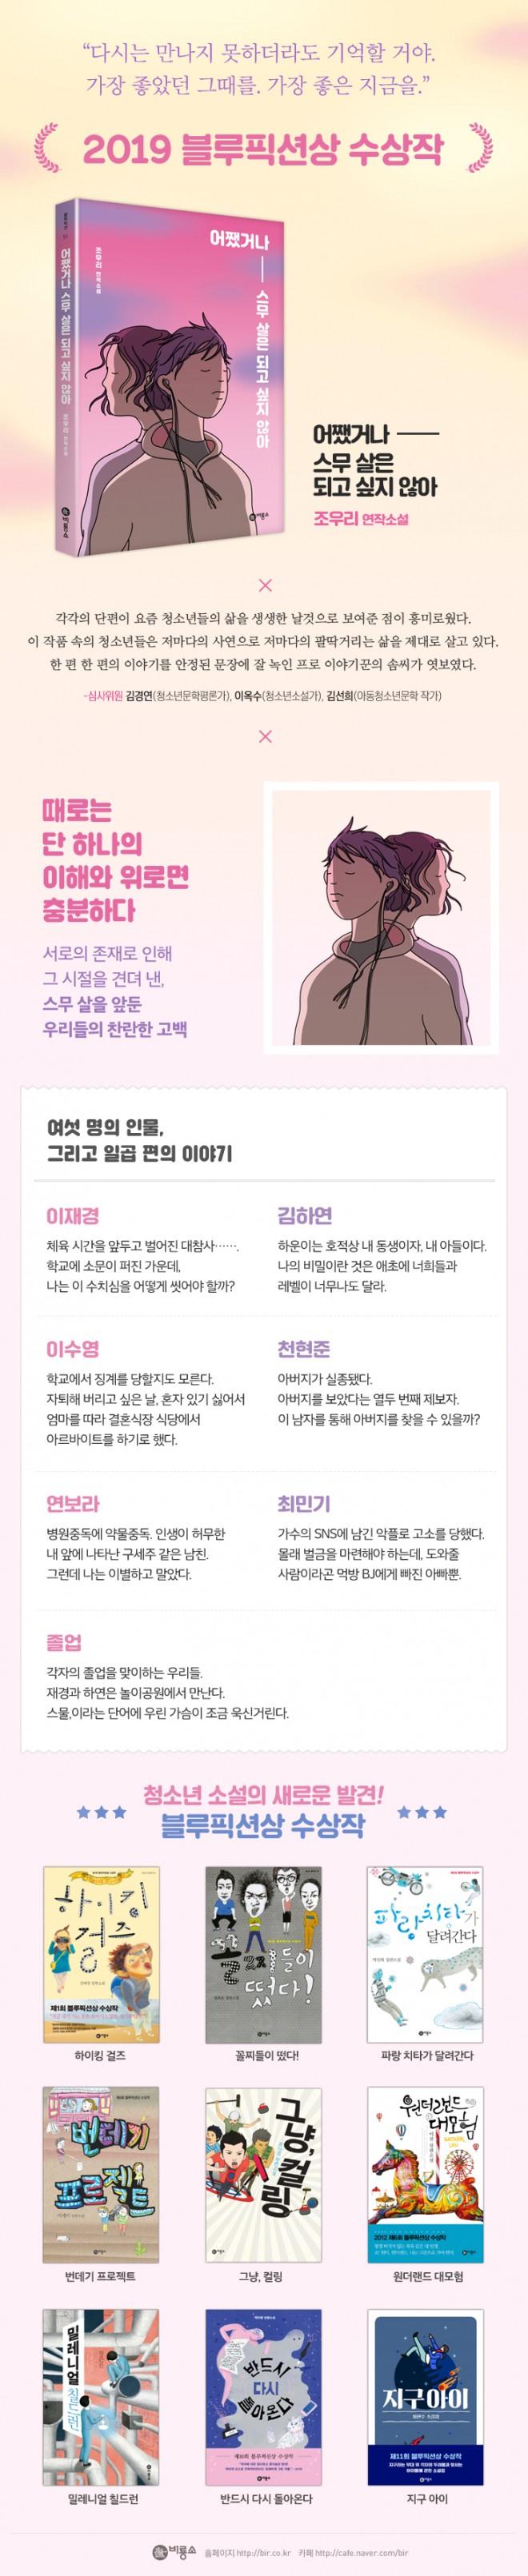 상세페이지_어쨌거나스무살은되고싶지않아(수정)